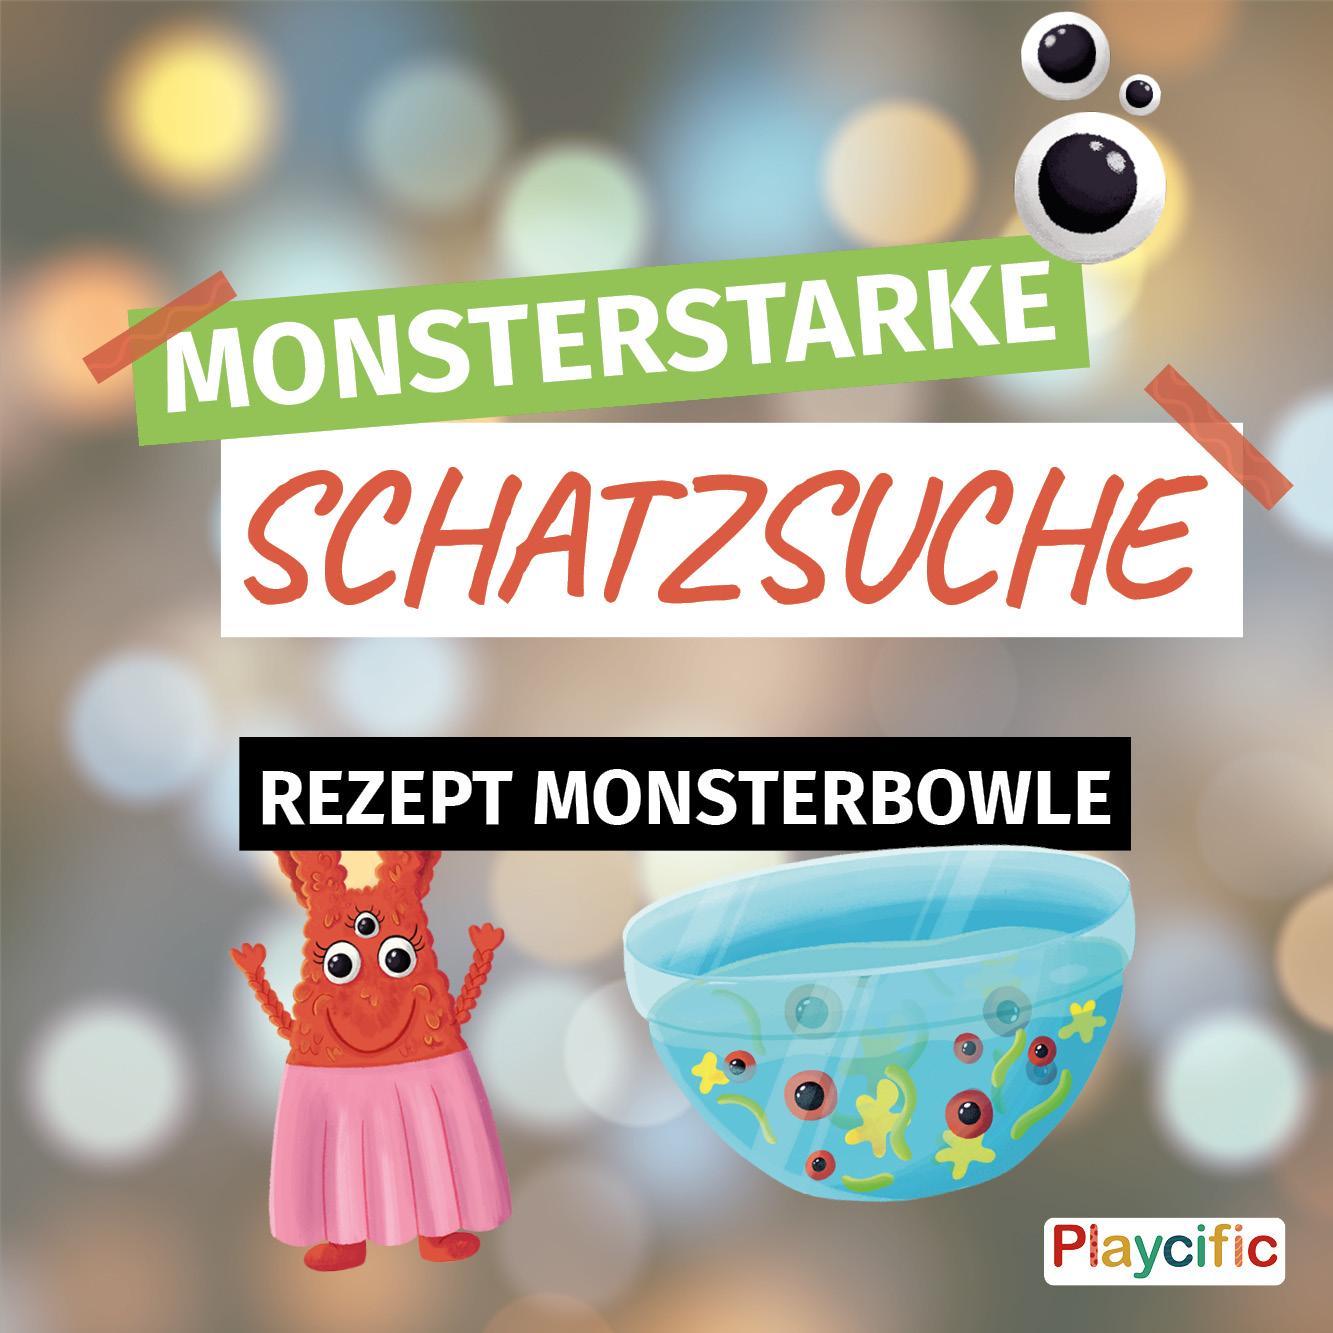 Rezept Monsterbowle